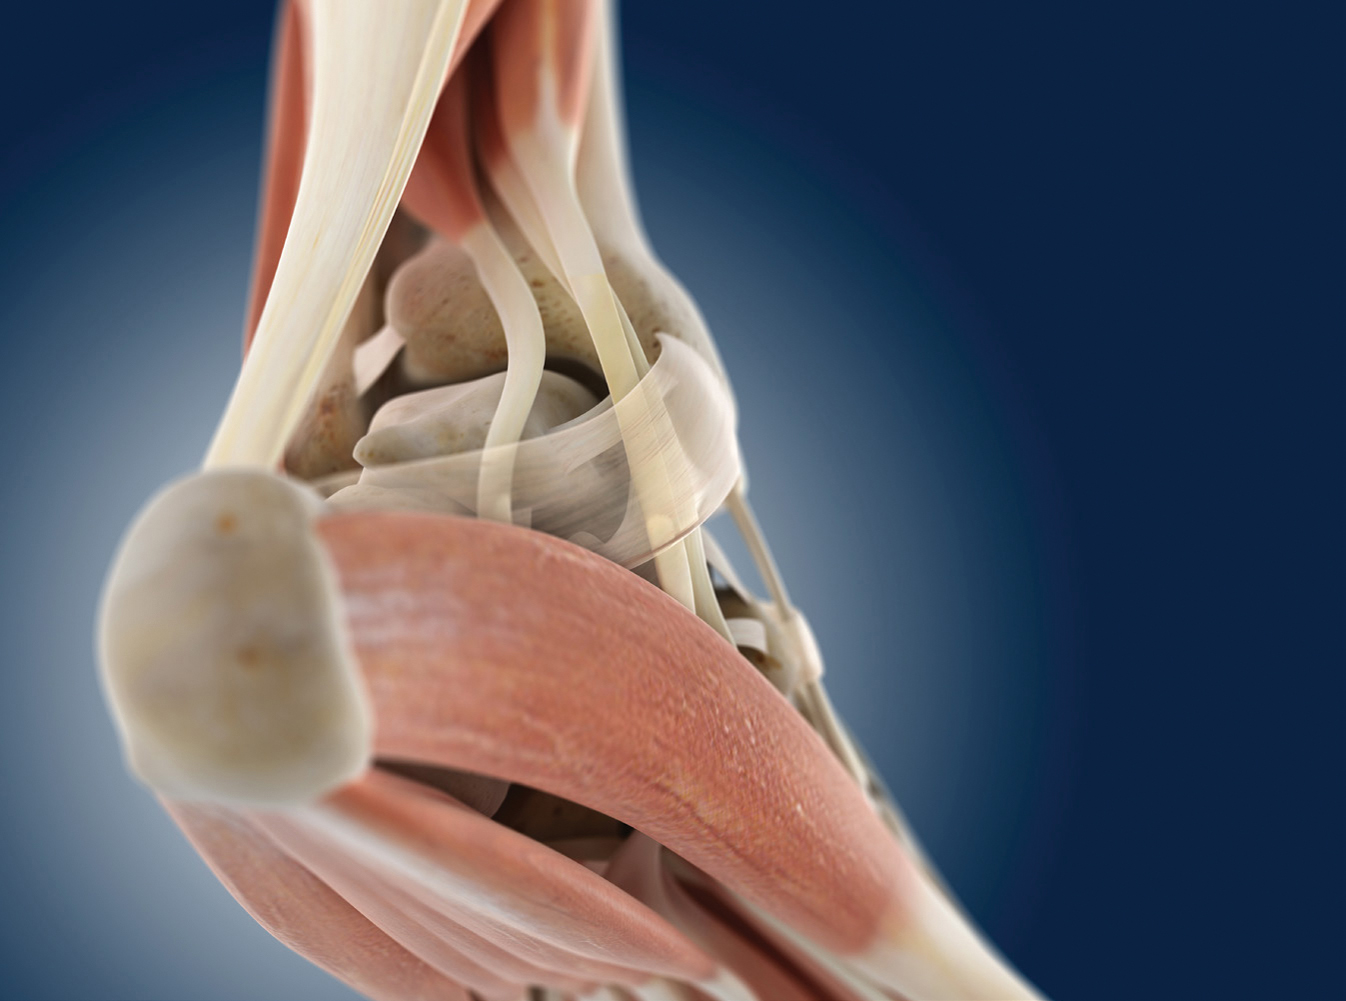 Achillessehnenruptur: Nach Naht entwickelt die Wade mehr Kraft ...